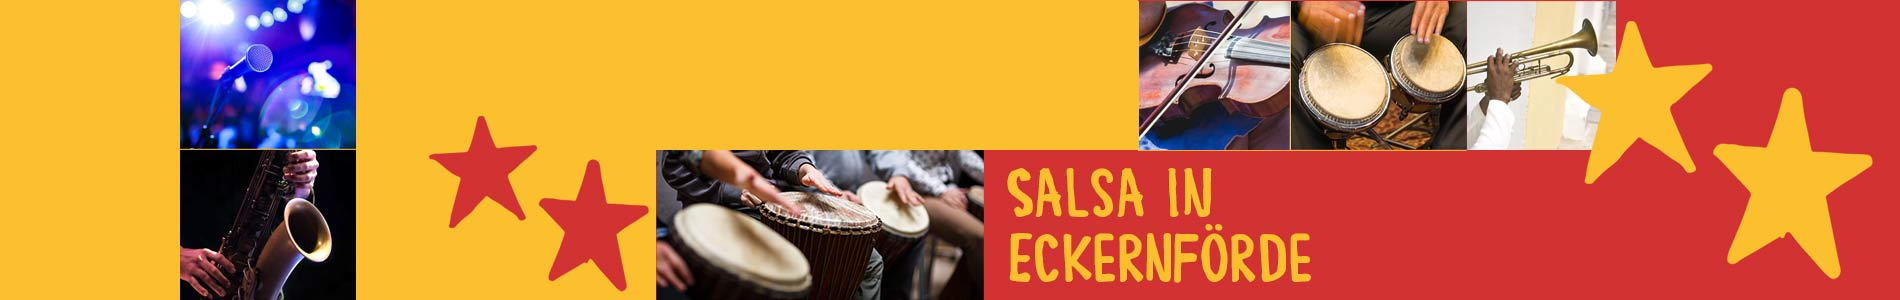 Salsa in Eckernförde – Salsa lernen und tanzen, Tanzkurse, Partys, Veranstaltungen